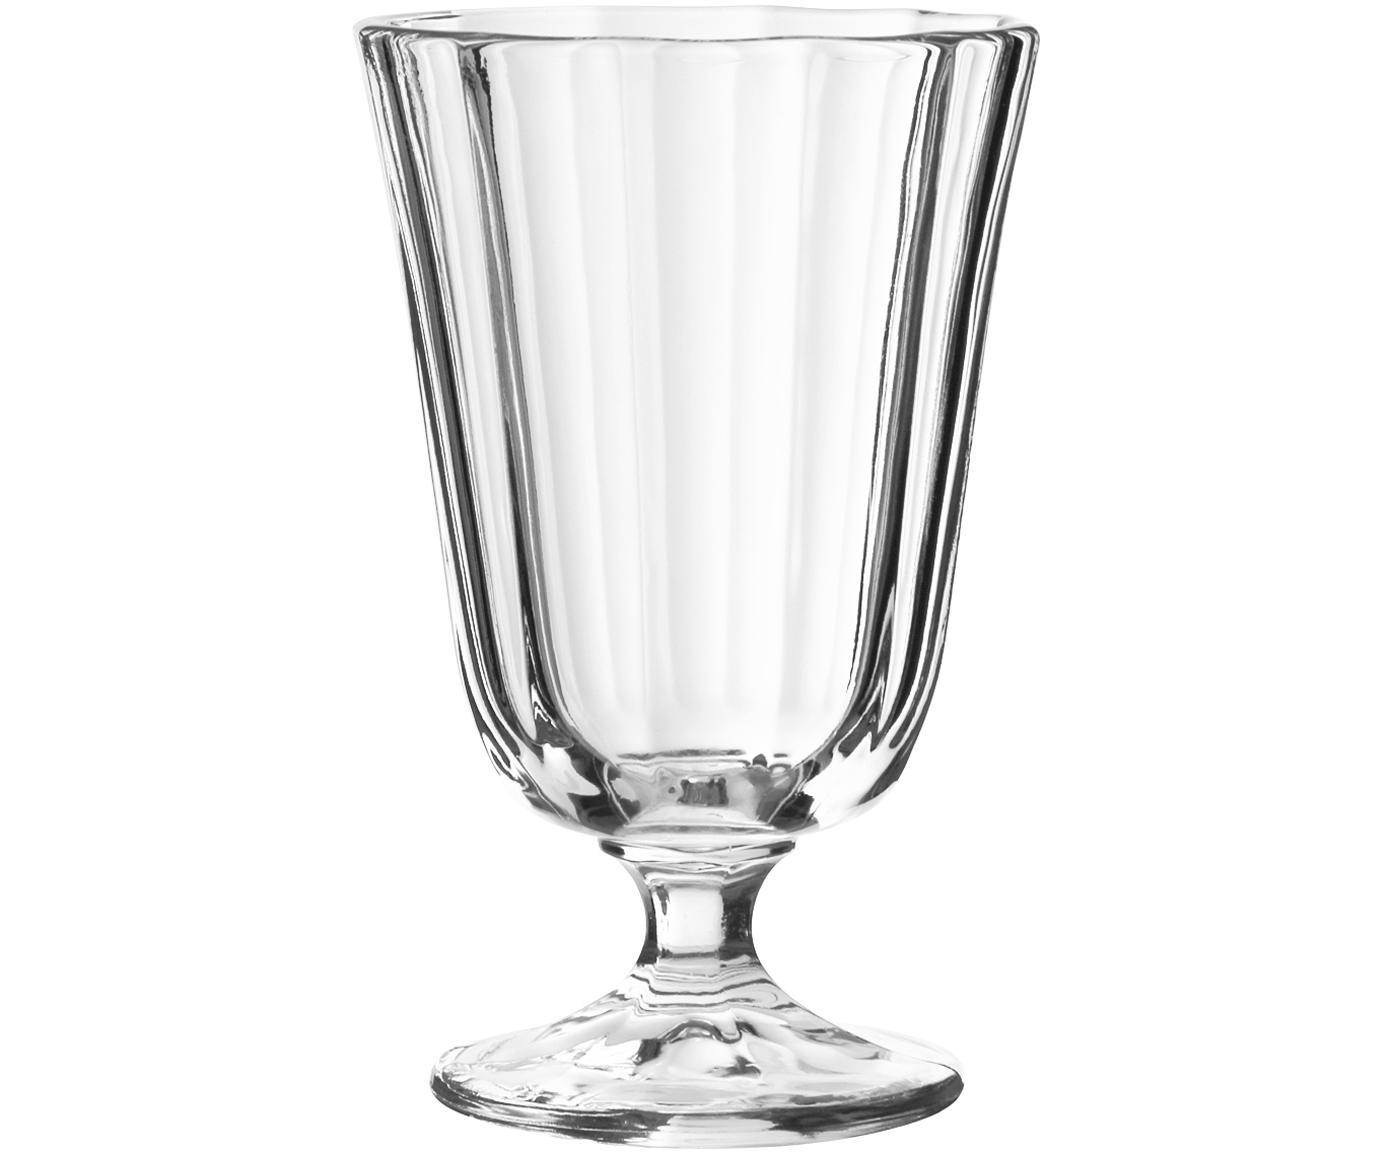 Copas de vino pequeñas Ana, 12uds., Vidrio, Transparente, 195 ml